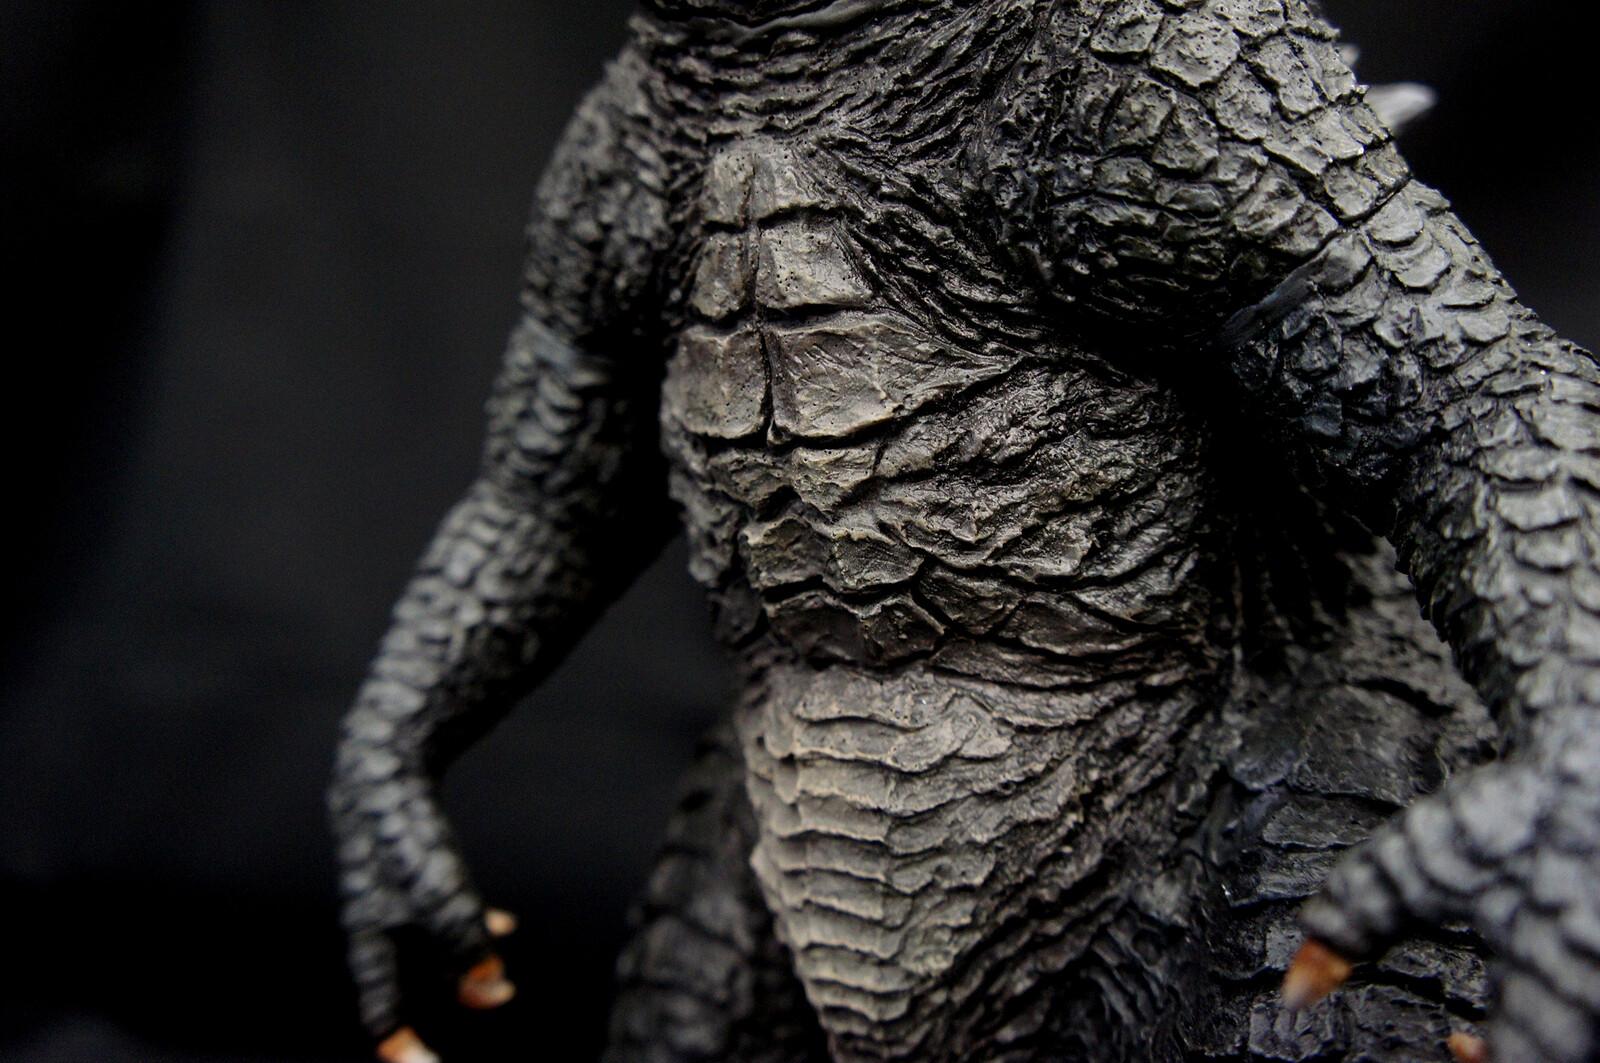 2014 Godzilla 30 cm Art Statue https://www.solidart.club/